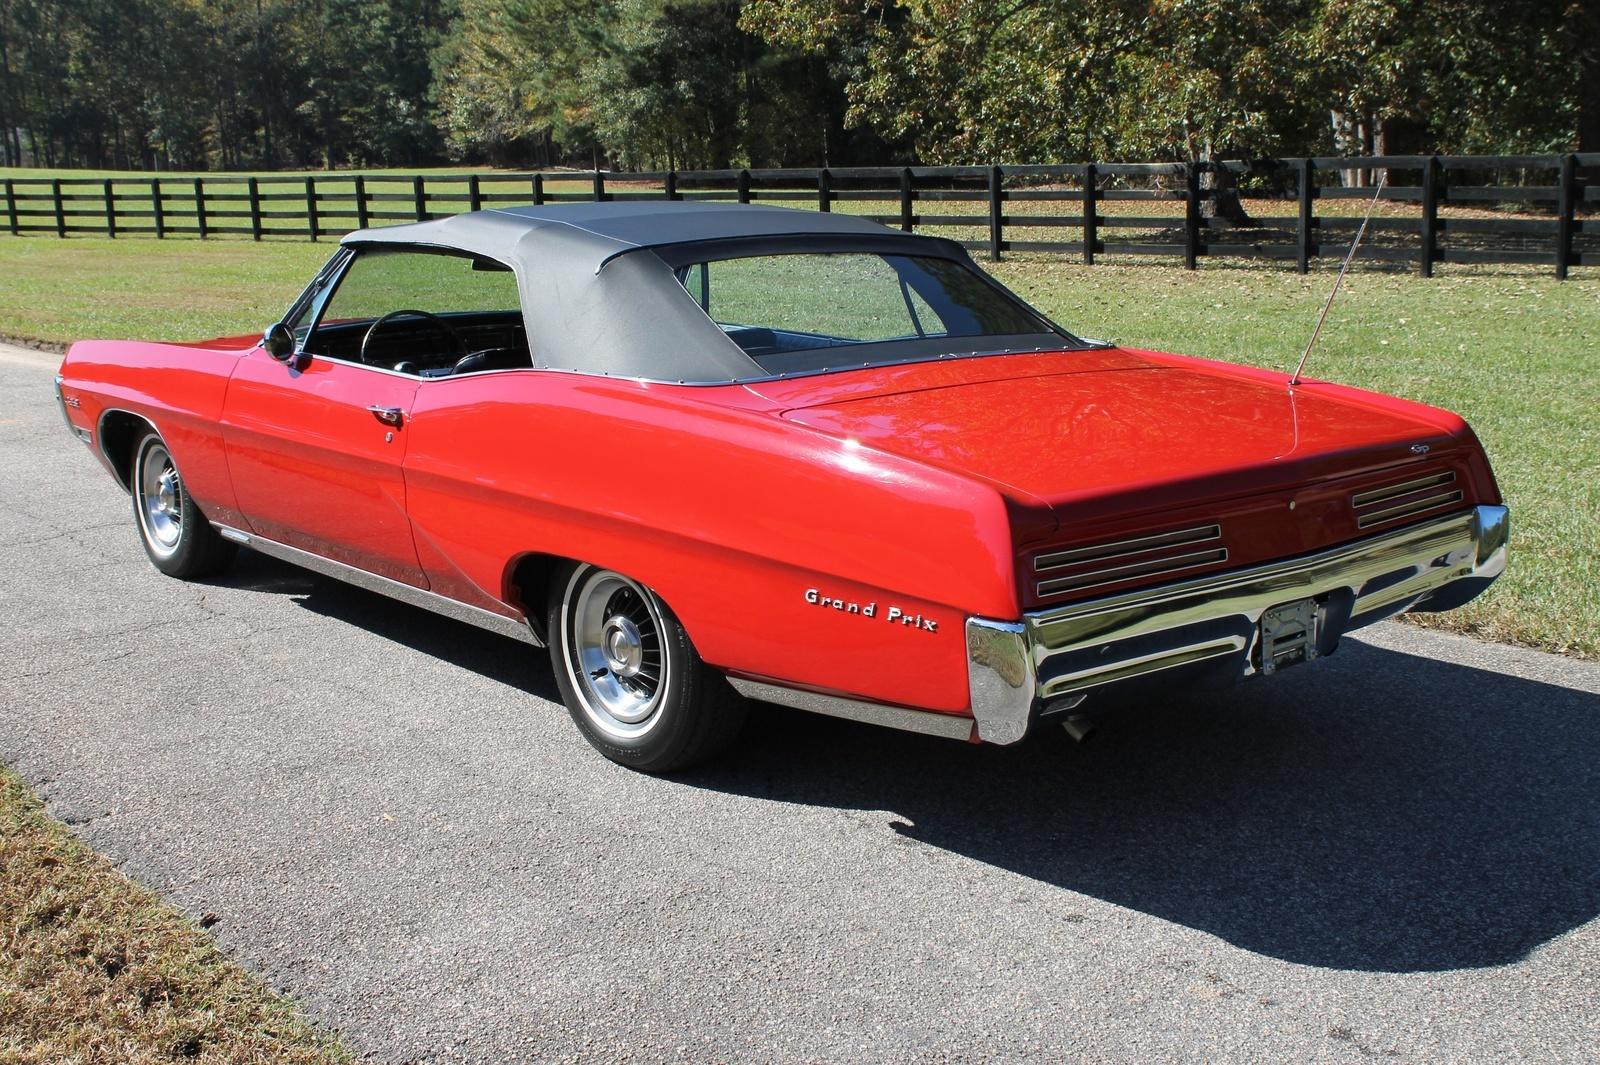 1969 Pontiac Grand Prix For Sale >> 1967 Pontiac Grand Prix - Overview - CarGurus